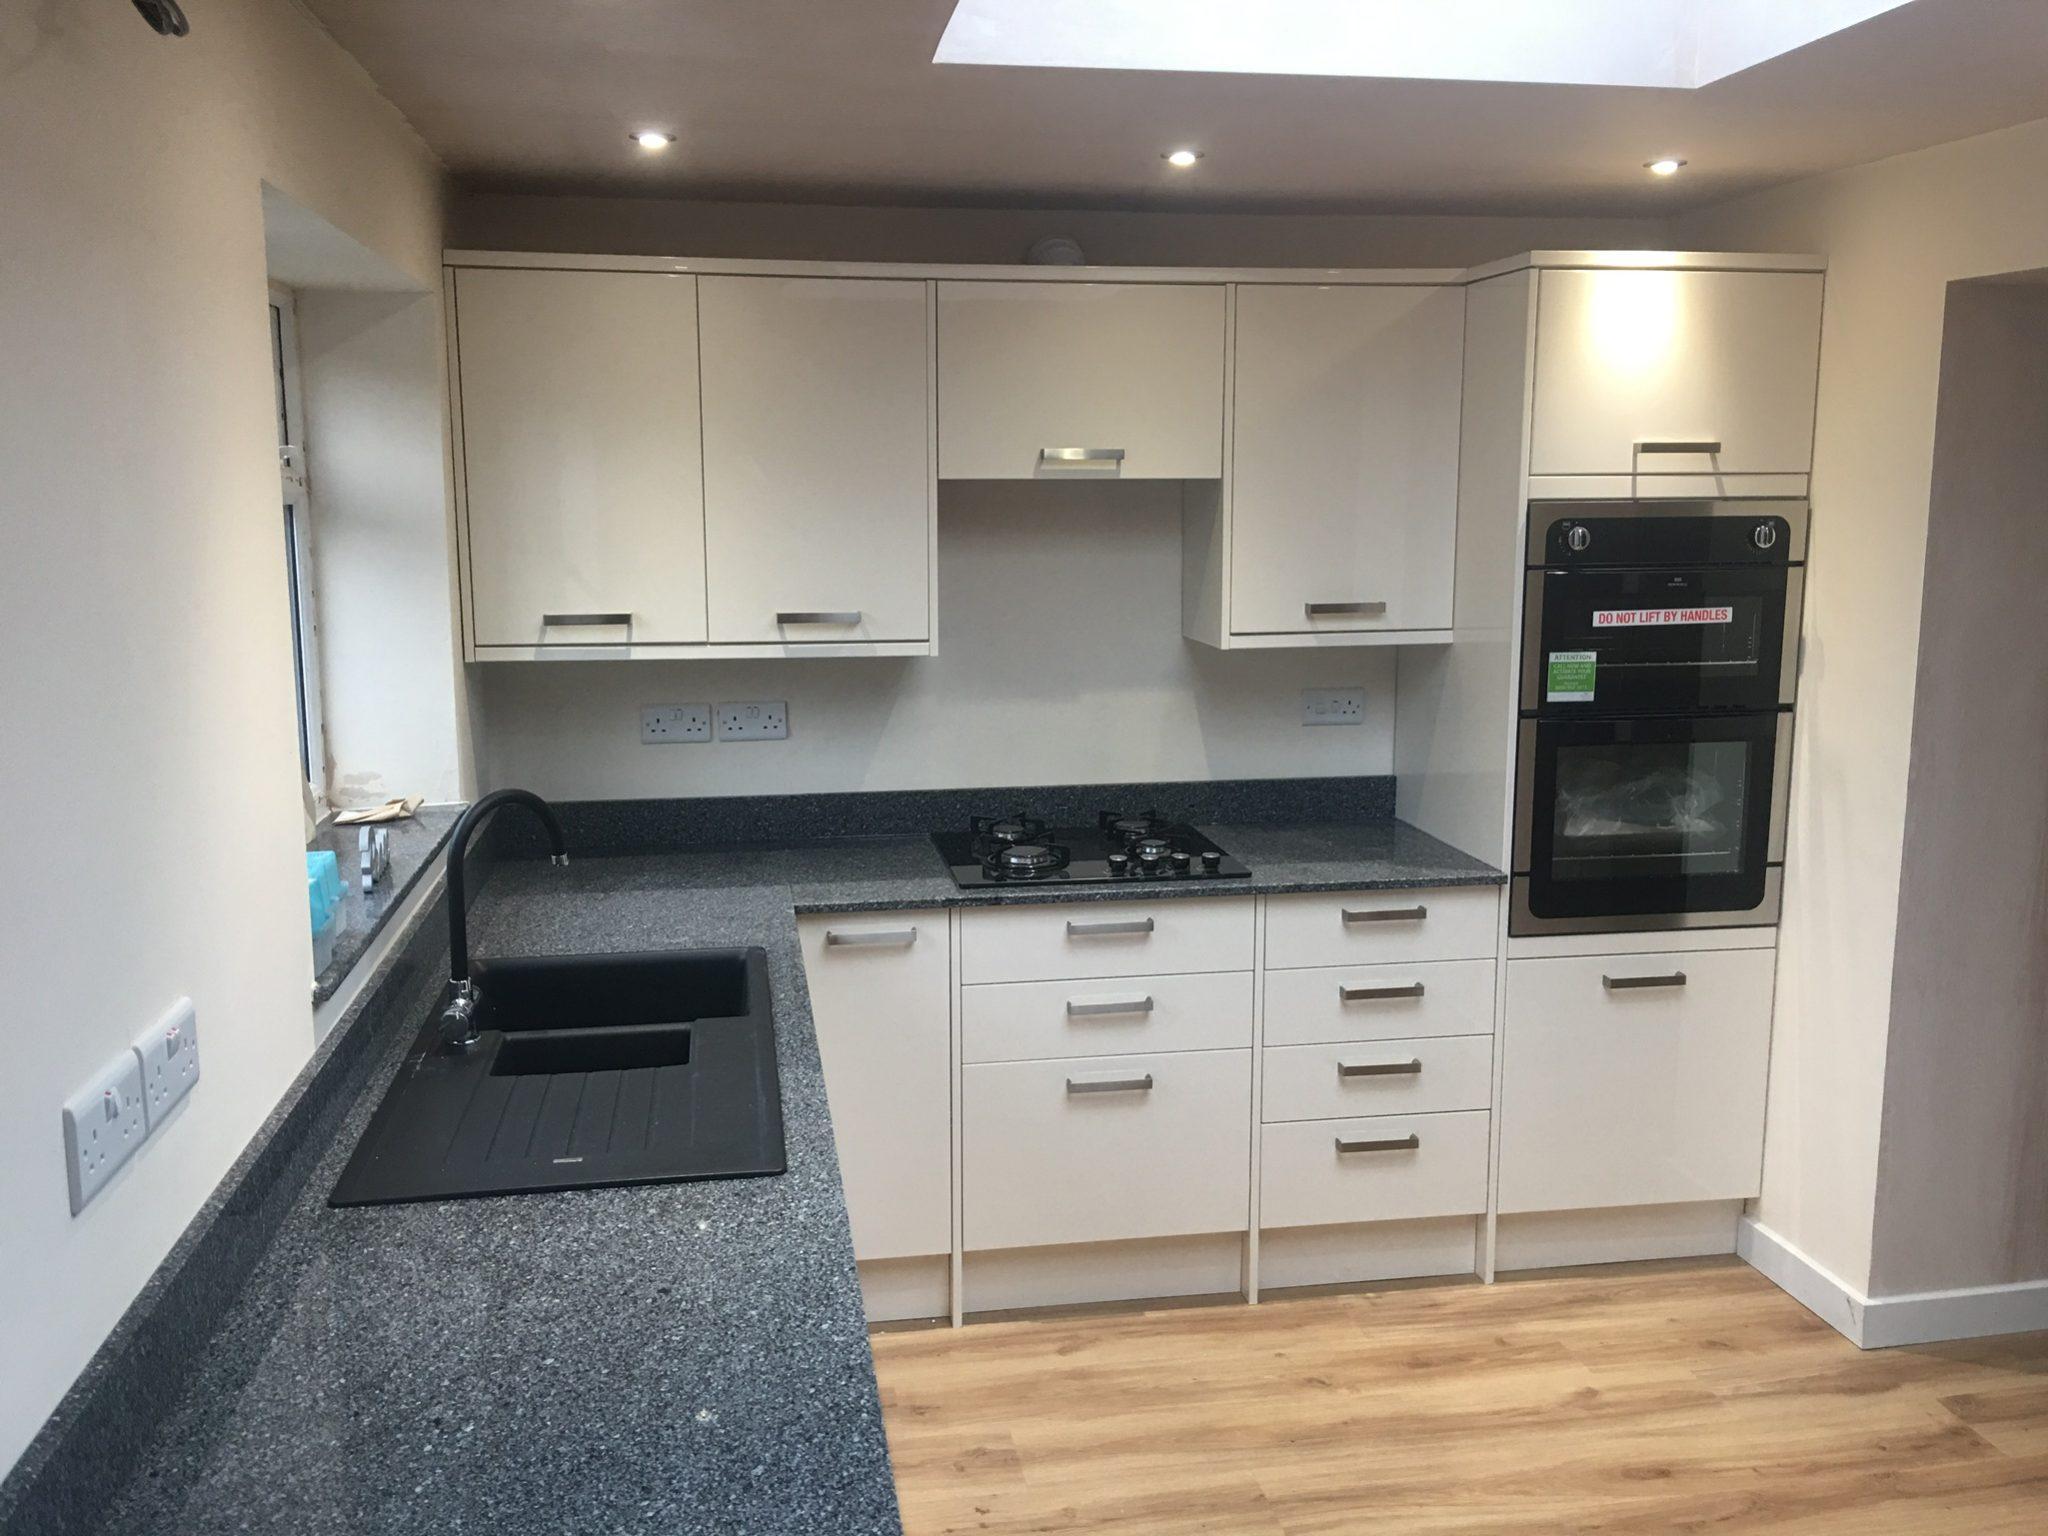 Kitchen Extension in Bedworth